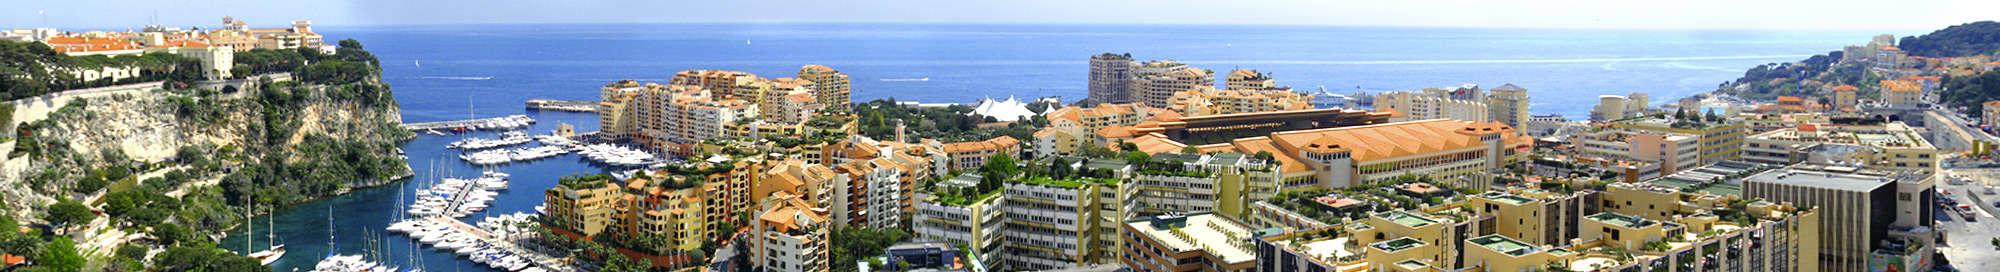 Week-end et séjour Monaco